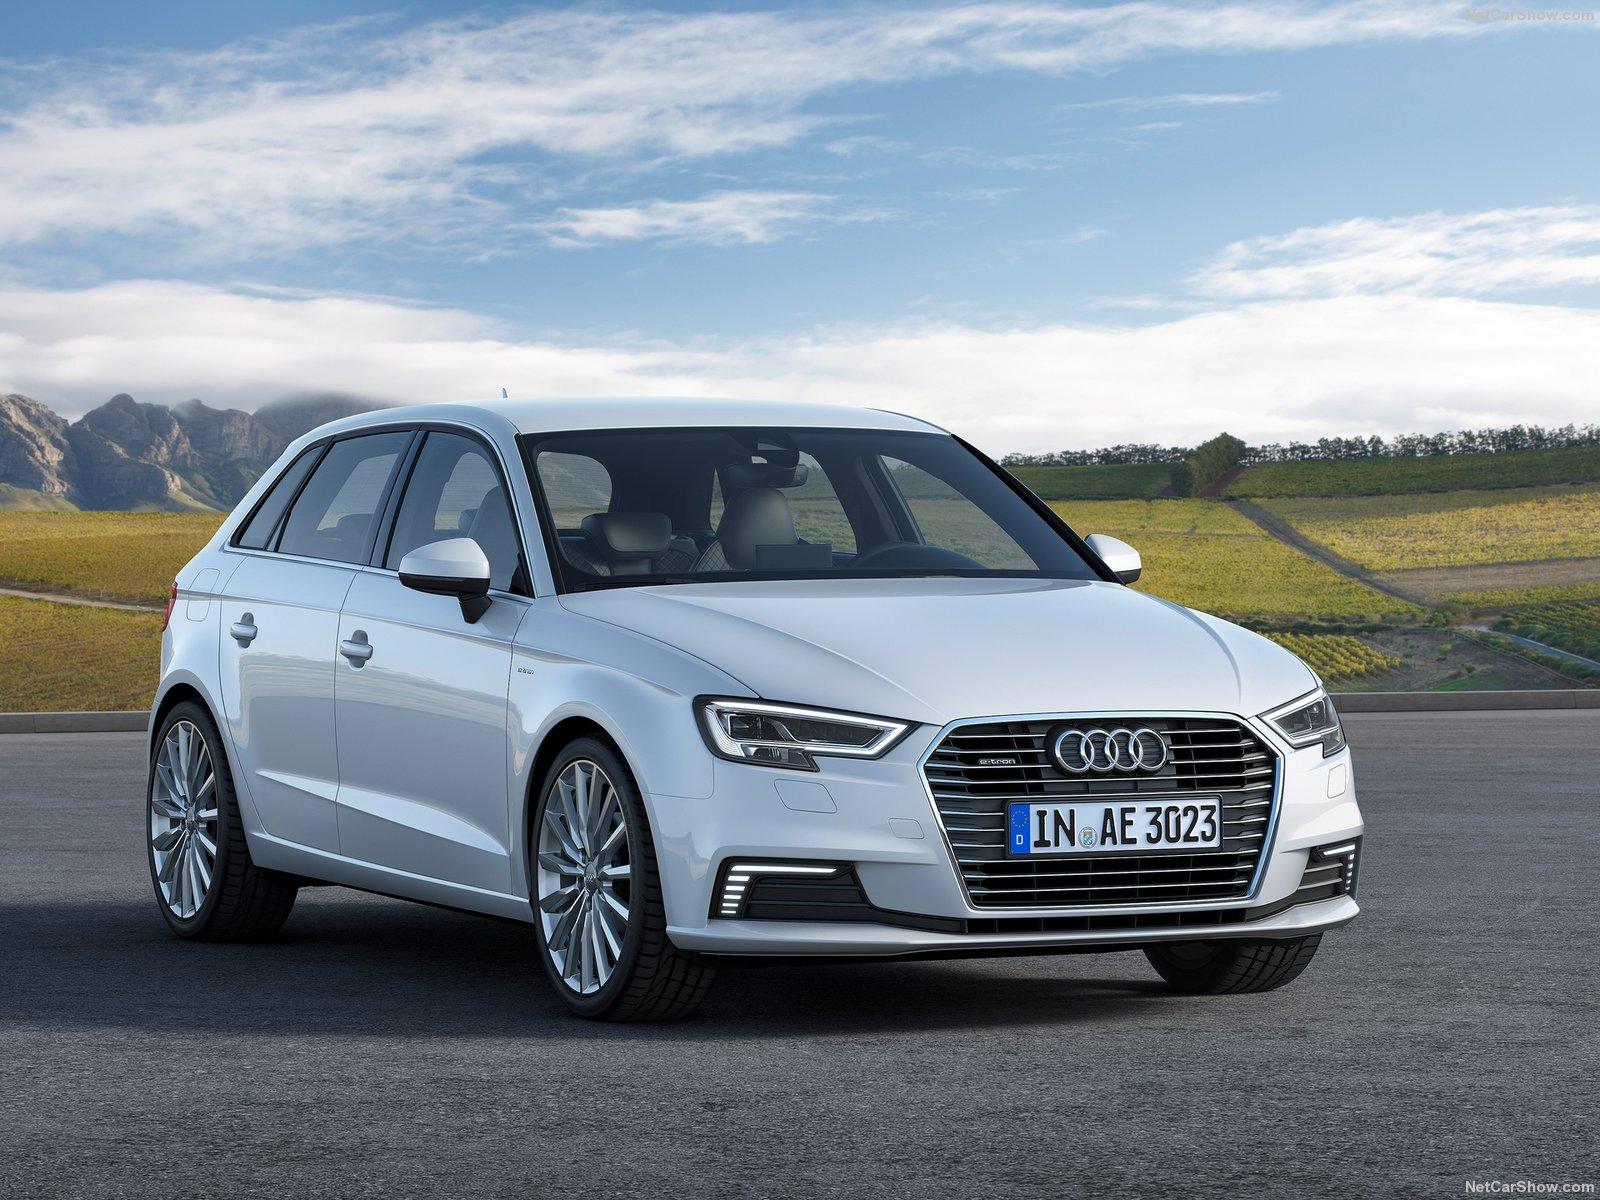 Audi-A3_Sportback_e-tron-2017